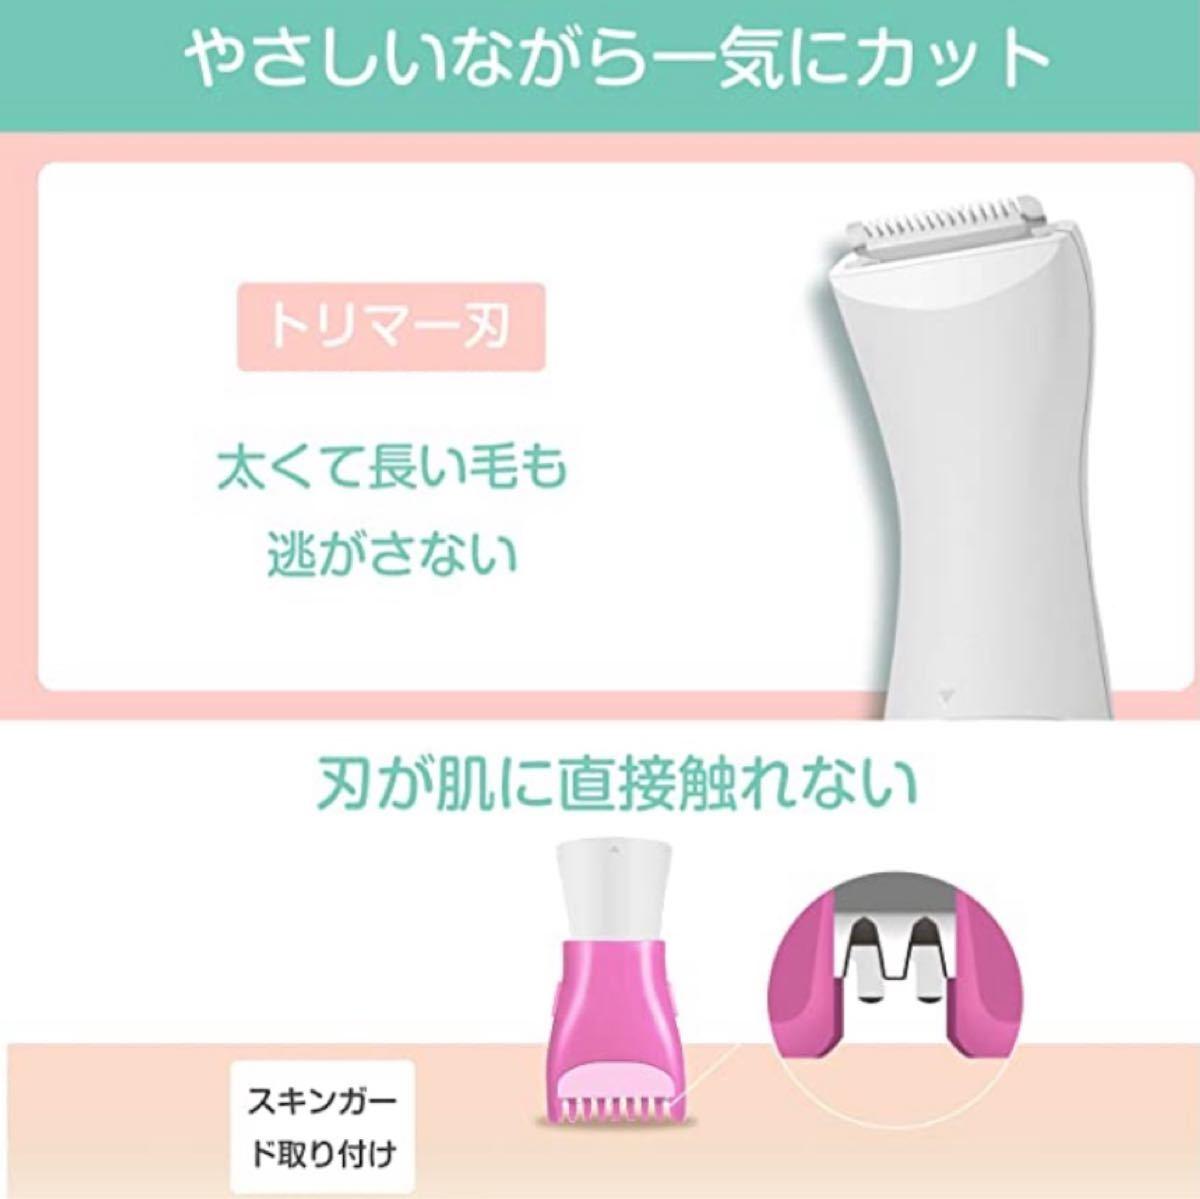 レディースシェーバー 女性用シェーバー 電動 眉毛シェーバー